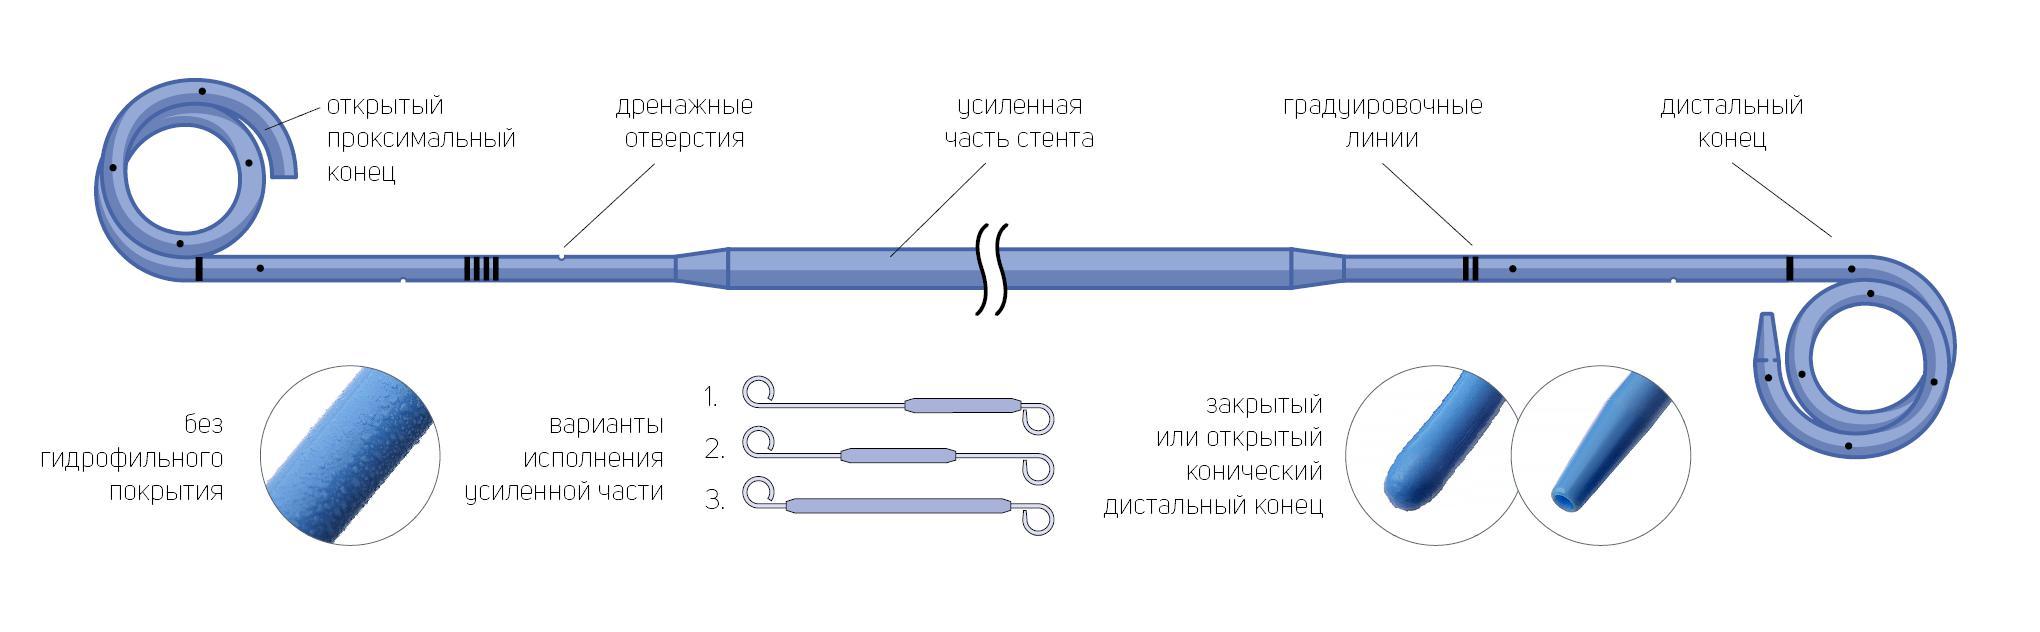 Стент мочеточниковый онкологический двухпетлевой с мультидлиной